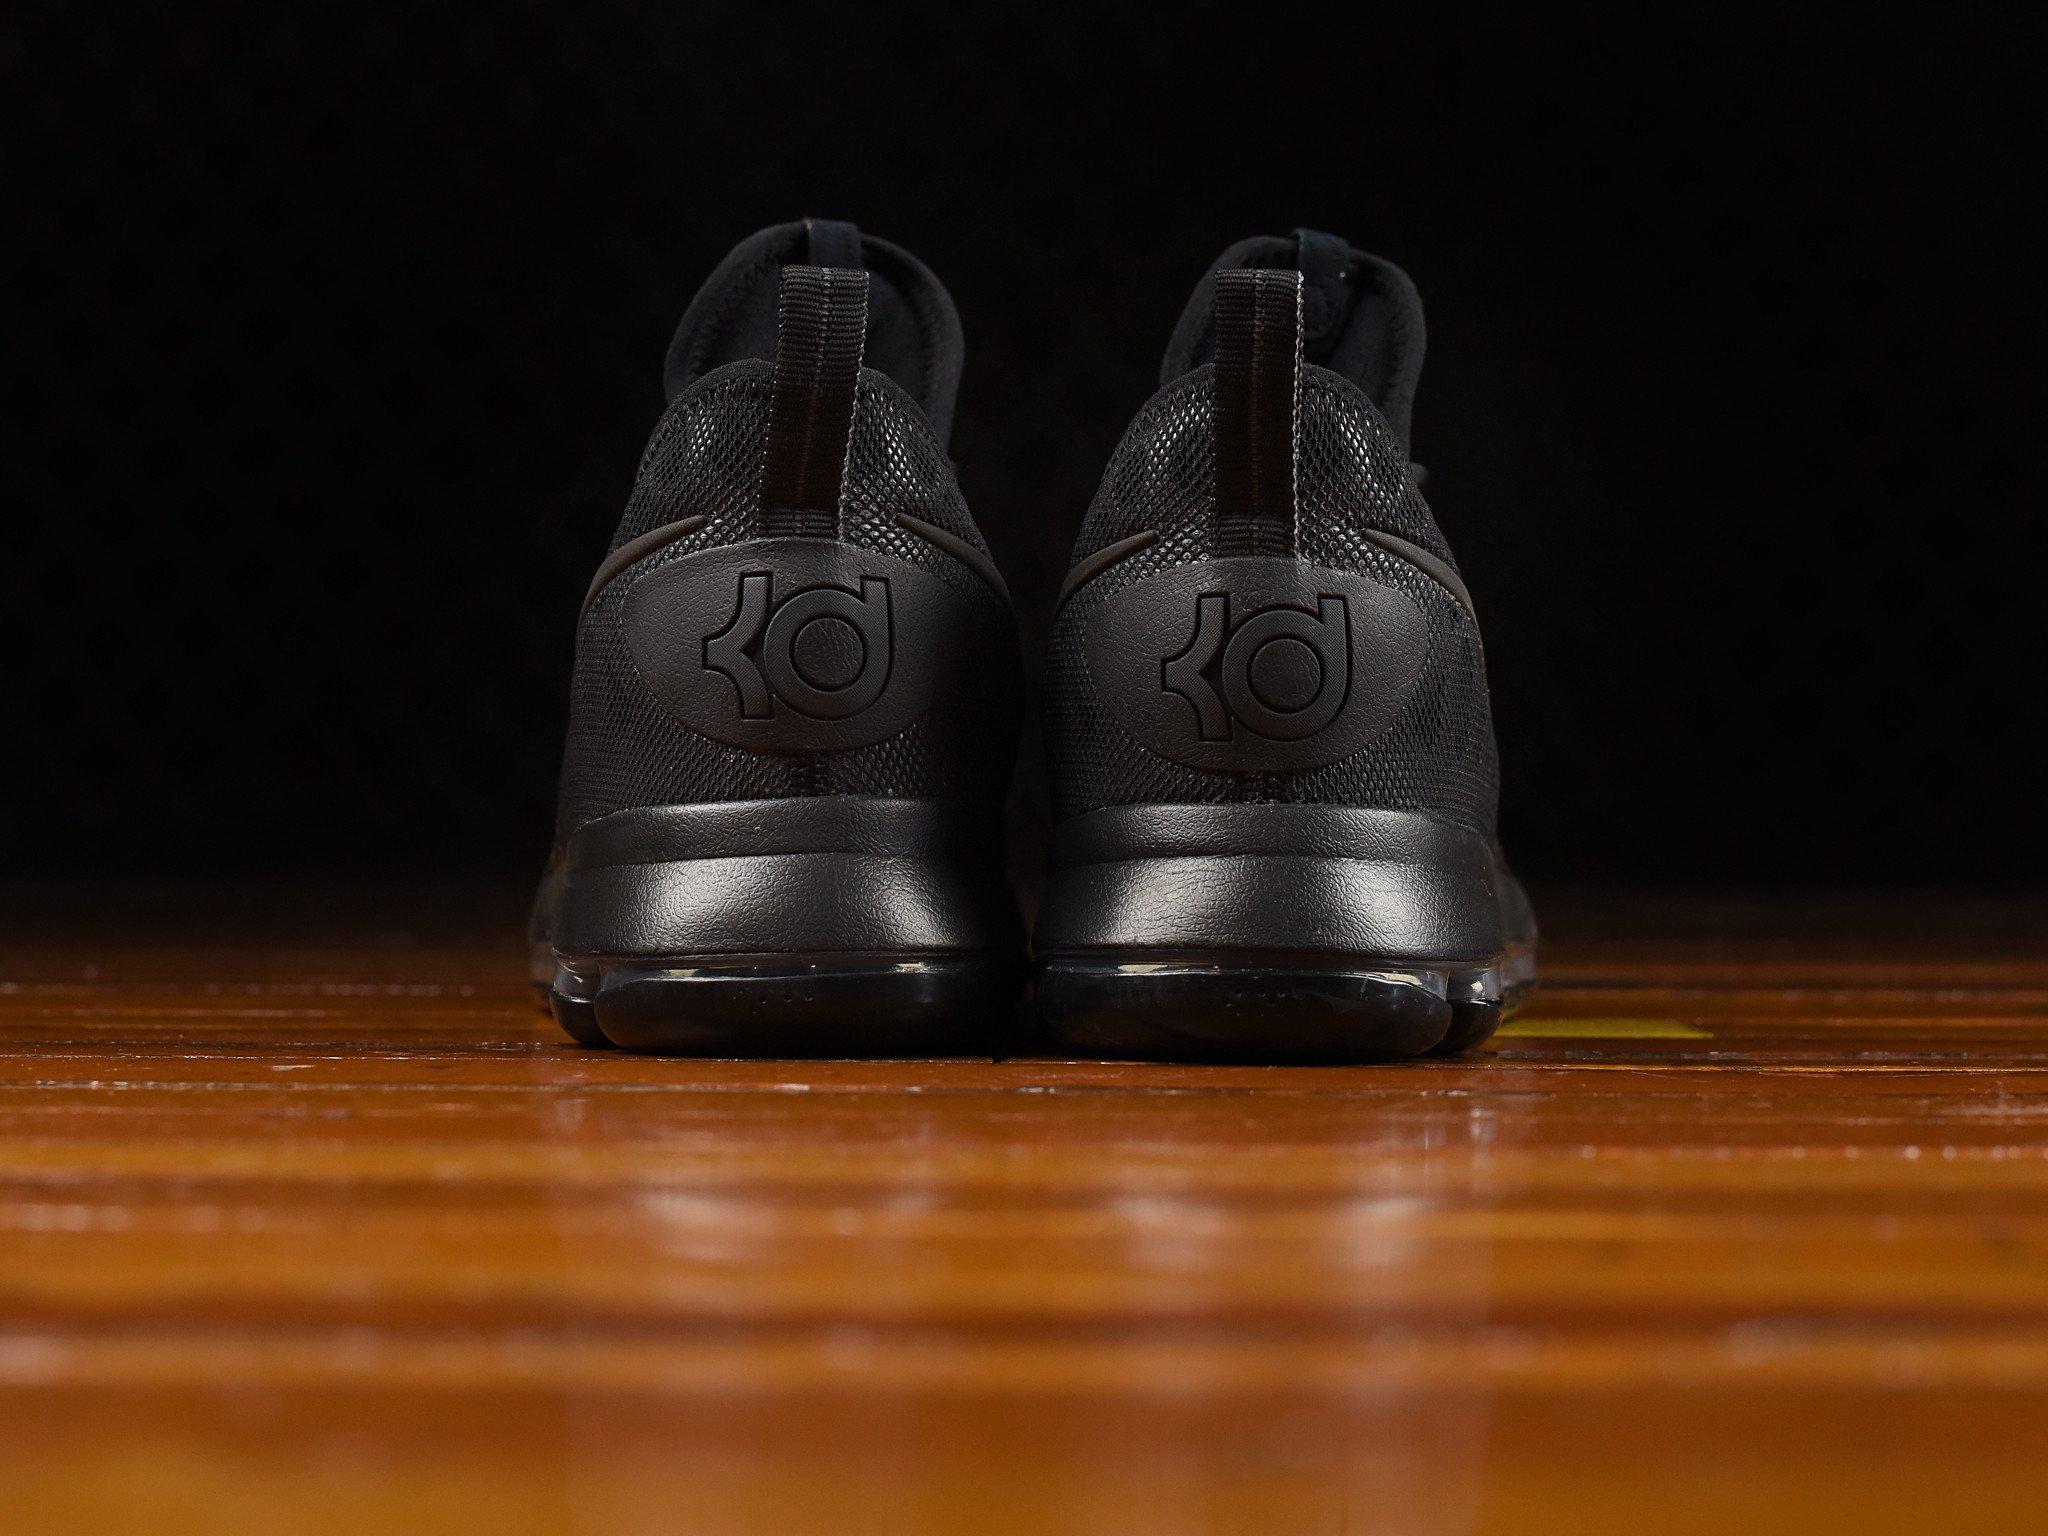 kd-9-triple-black-3